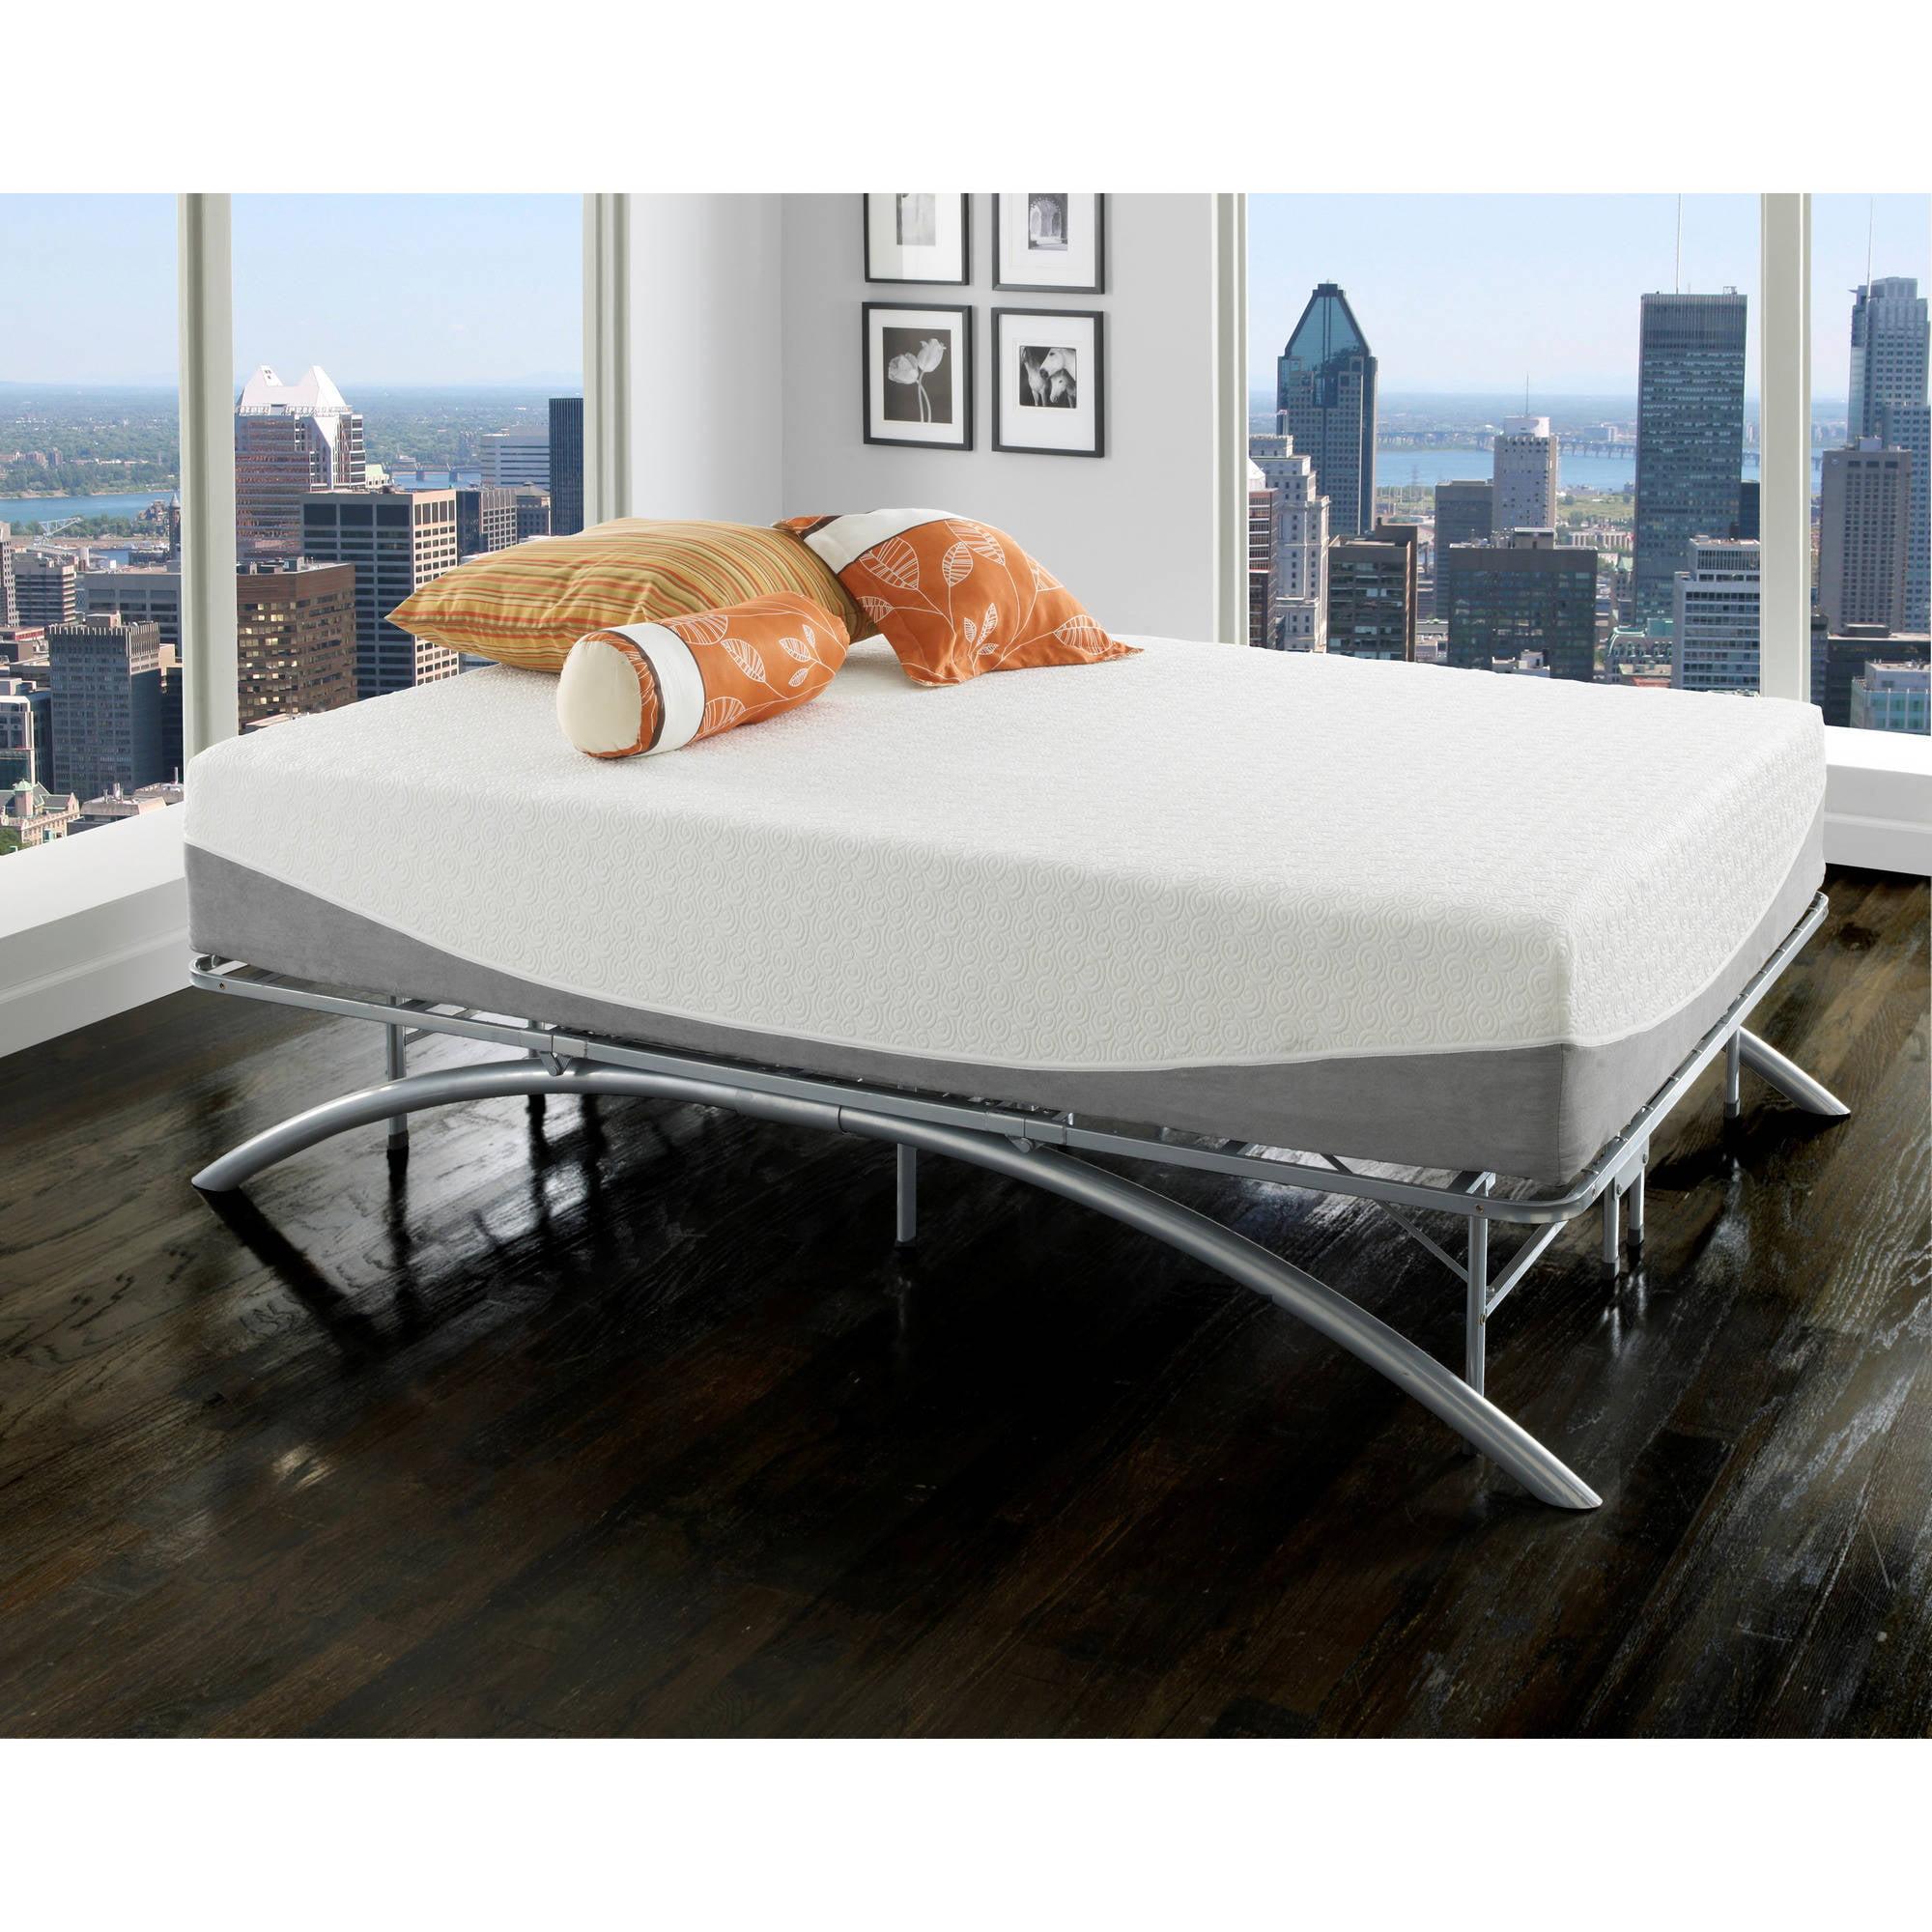 Premier Ellipse Arch Platform Bed Frame, Brushed Silver - Walmart.com